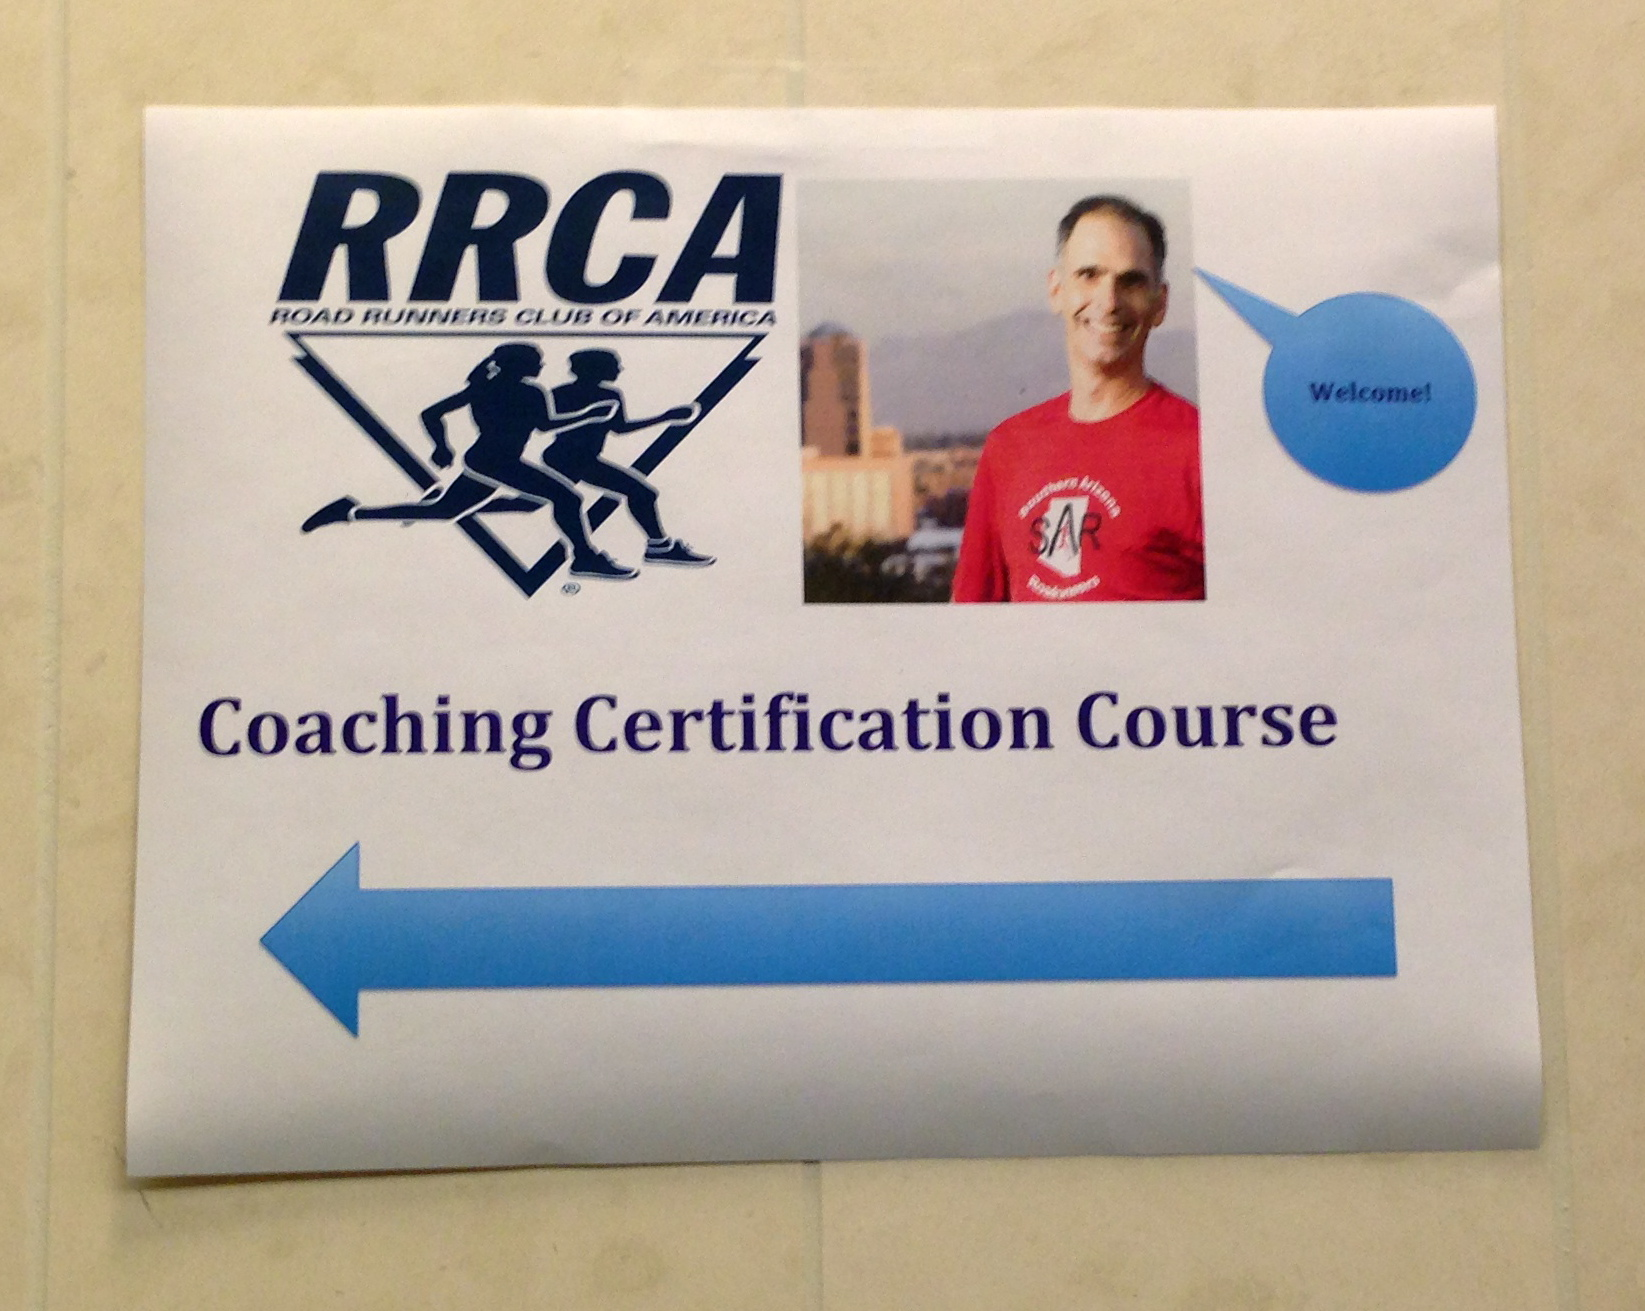 Rrca Certification Course Recap Marathons And Macarons